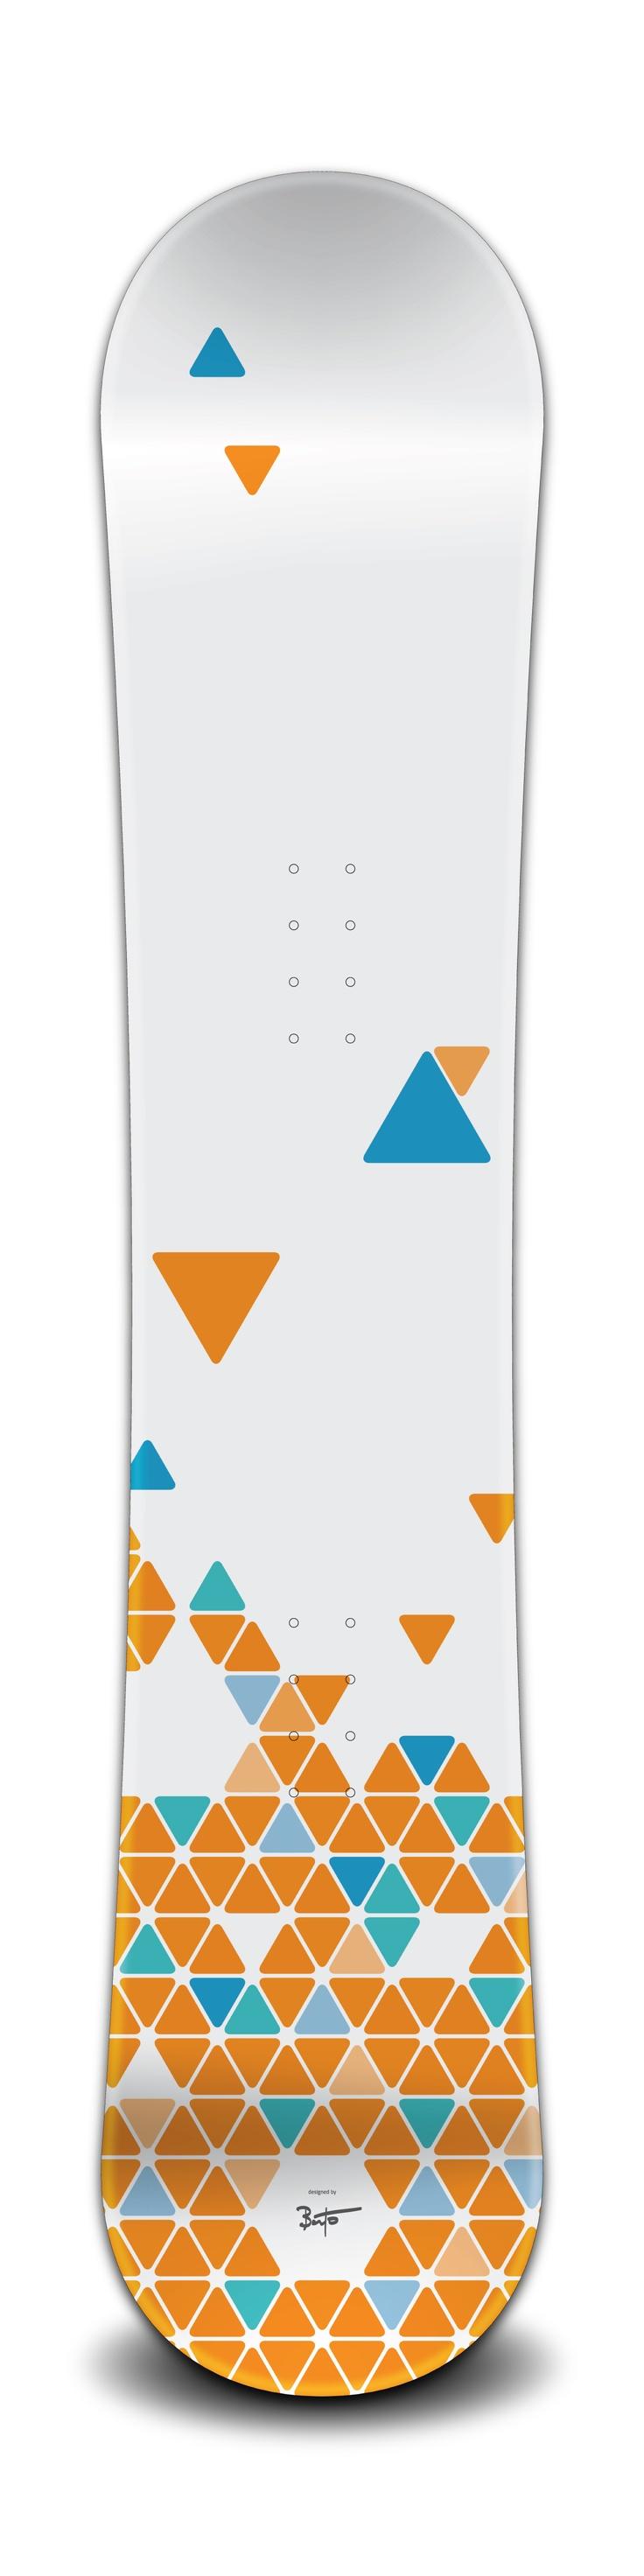 concept Tile